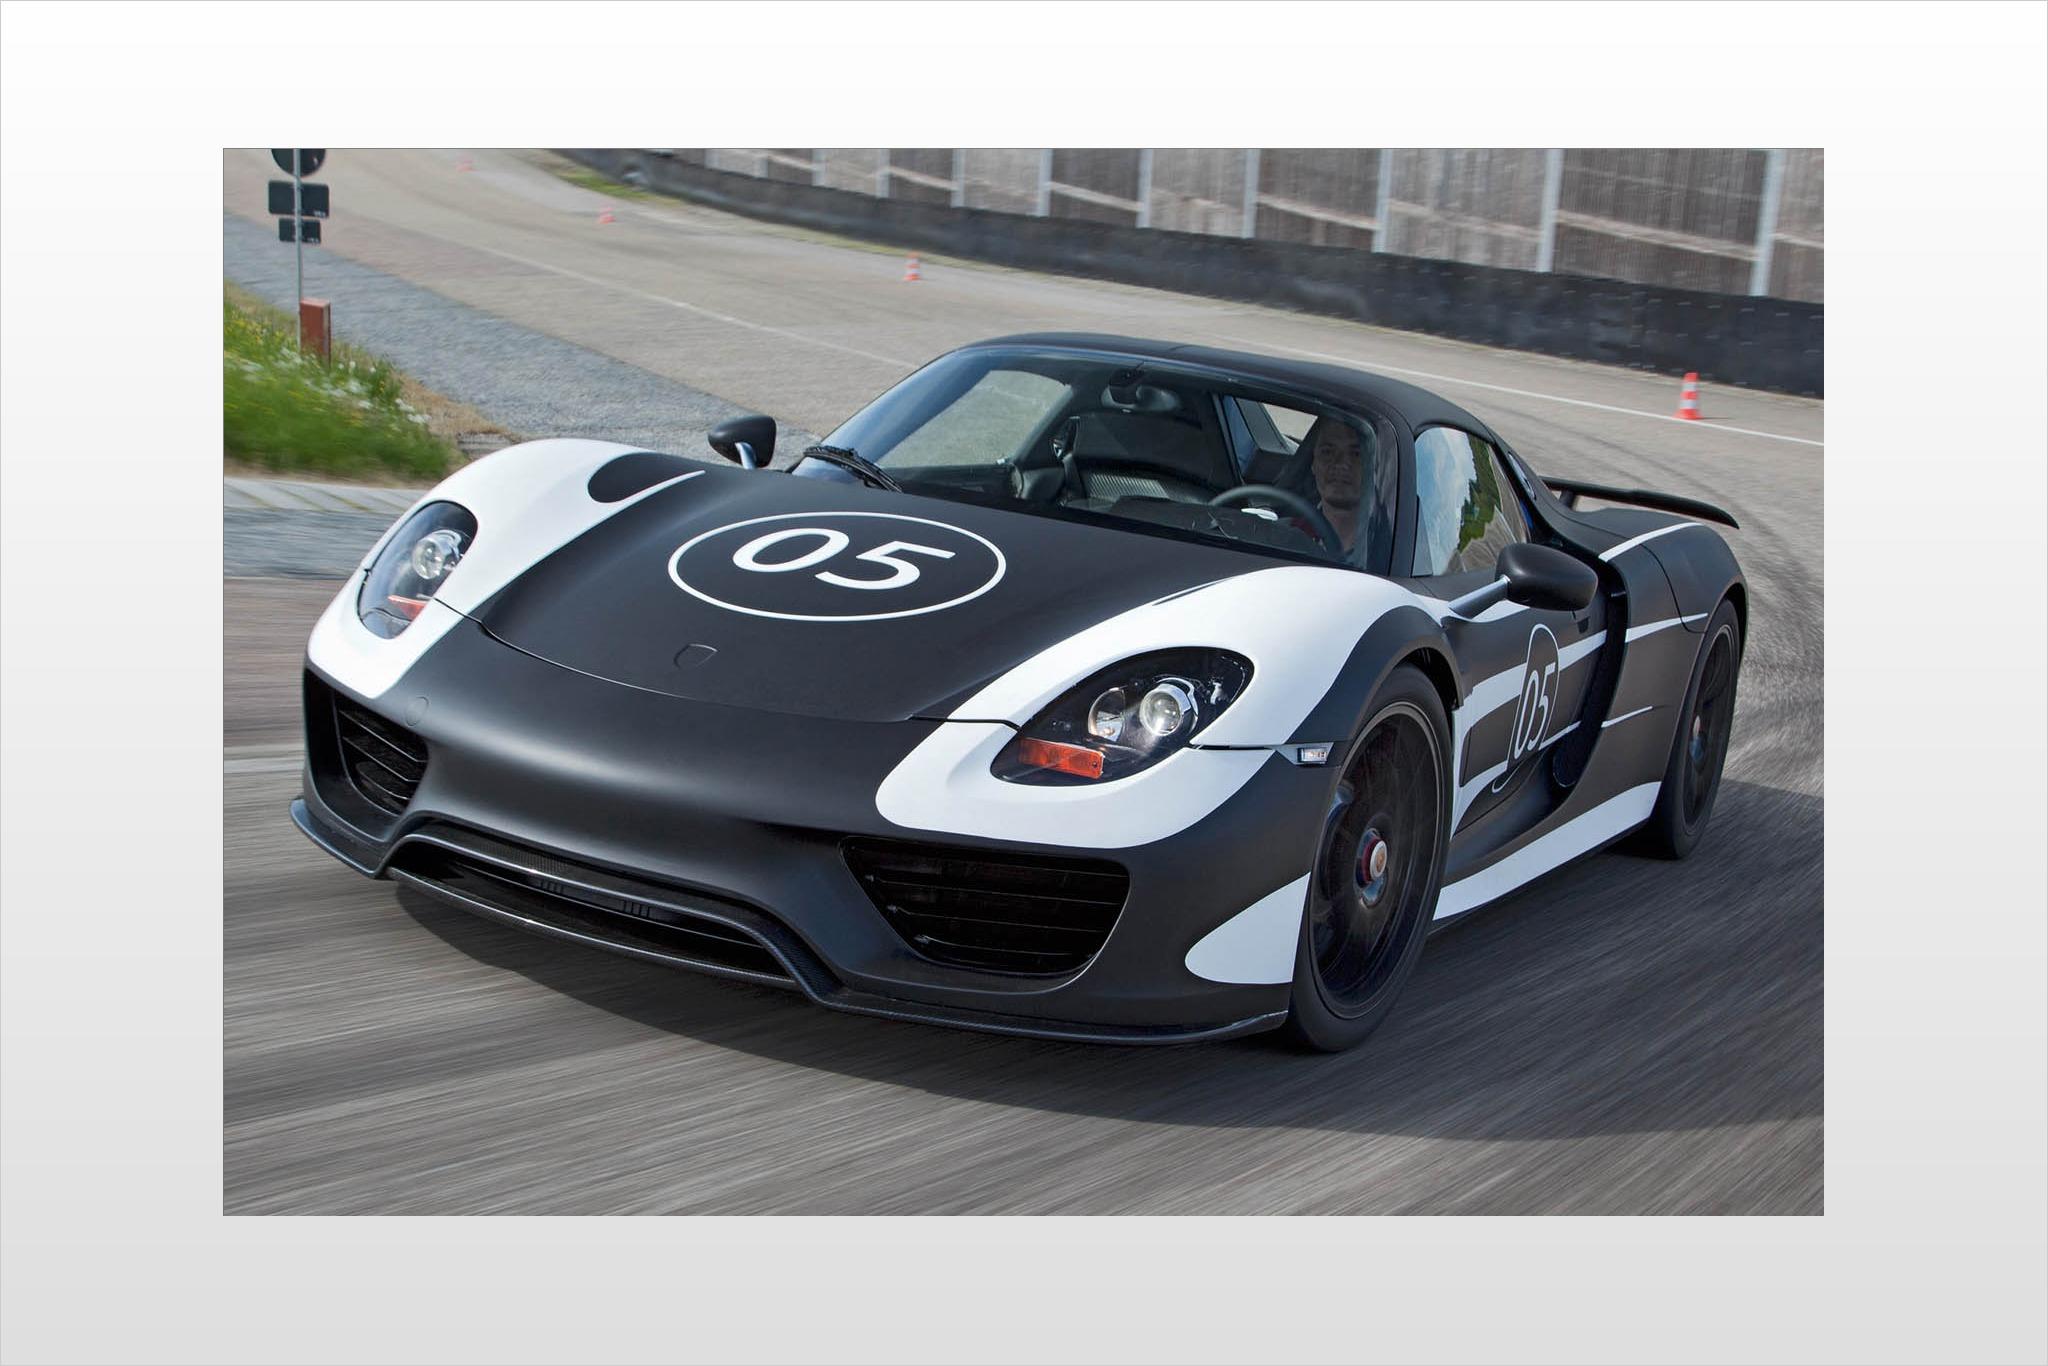 2014 Porsche 918 Spyder Image 1